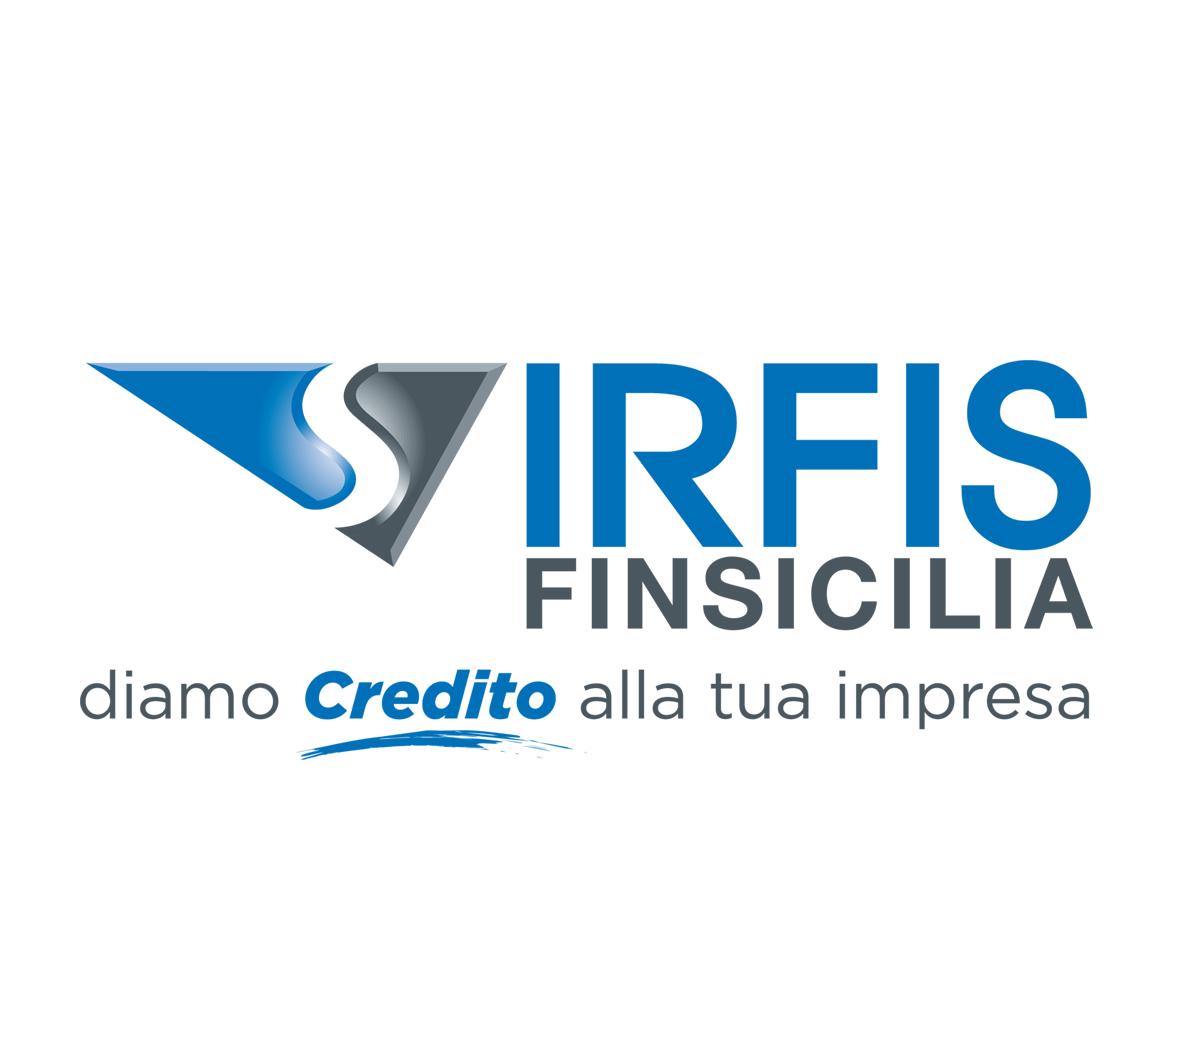 73 Milioni di euro ai Liberi Professionisti. Protocollo di Intesa tra IRFIS e la Consulta